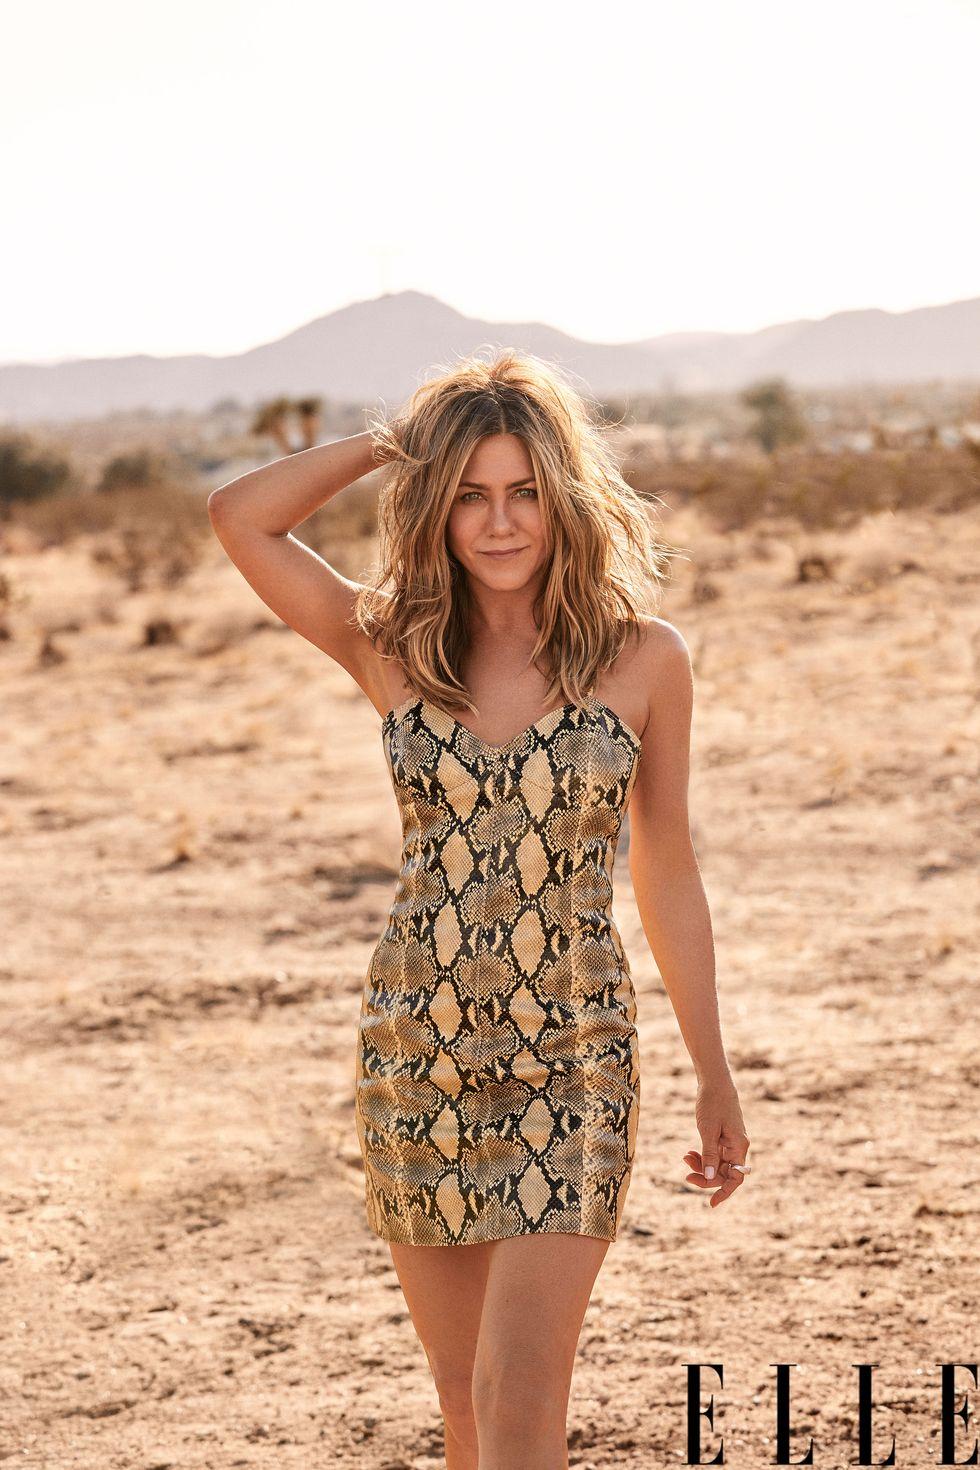 Jennifer Aniston vẫn trẻ trung ở tuổi 52.